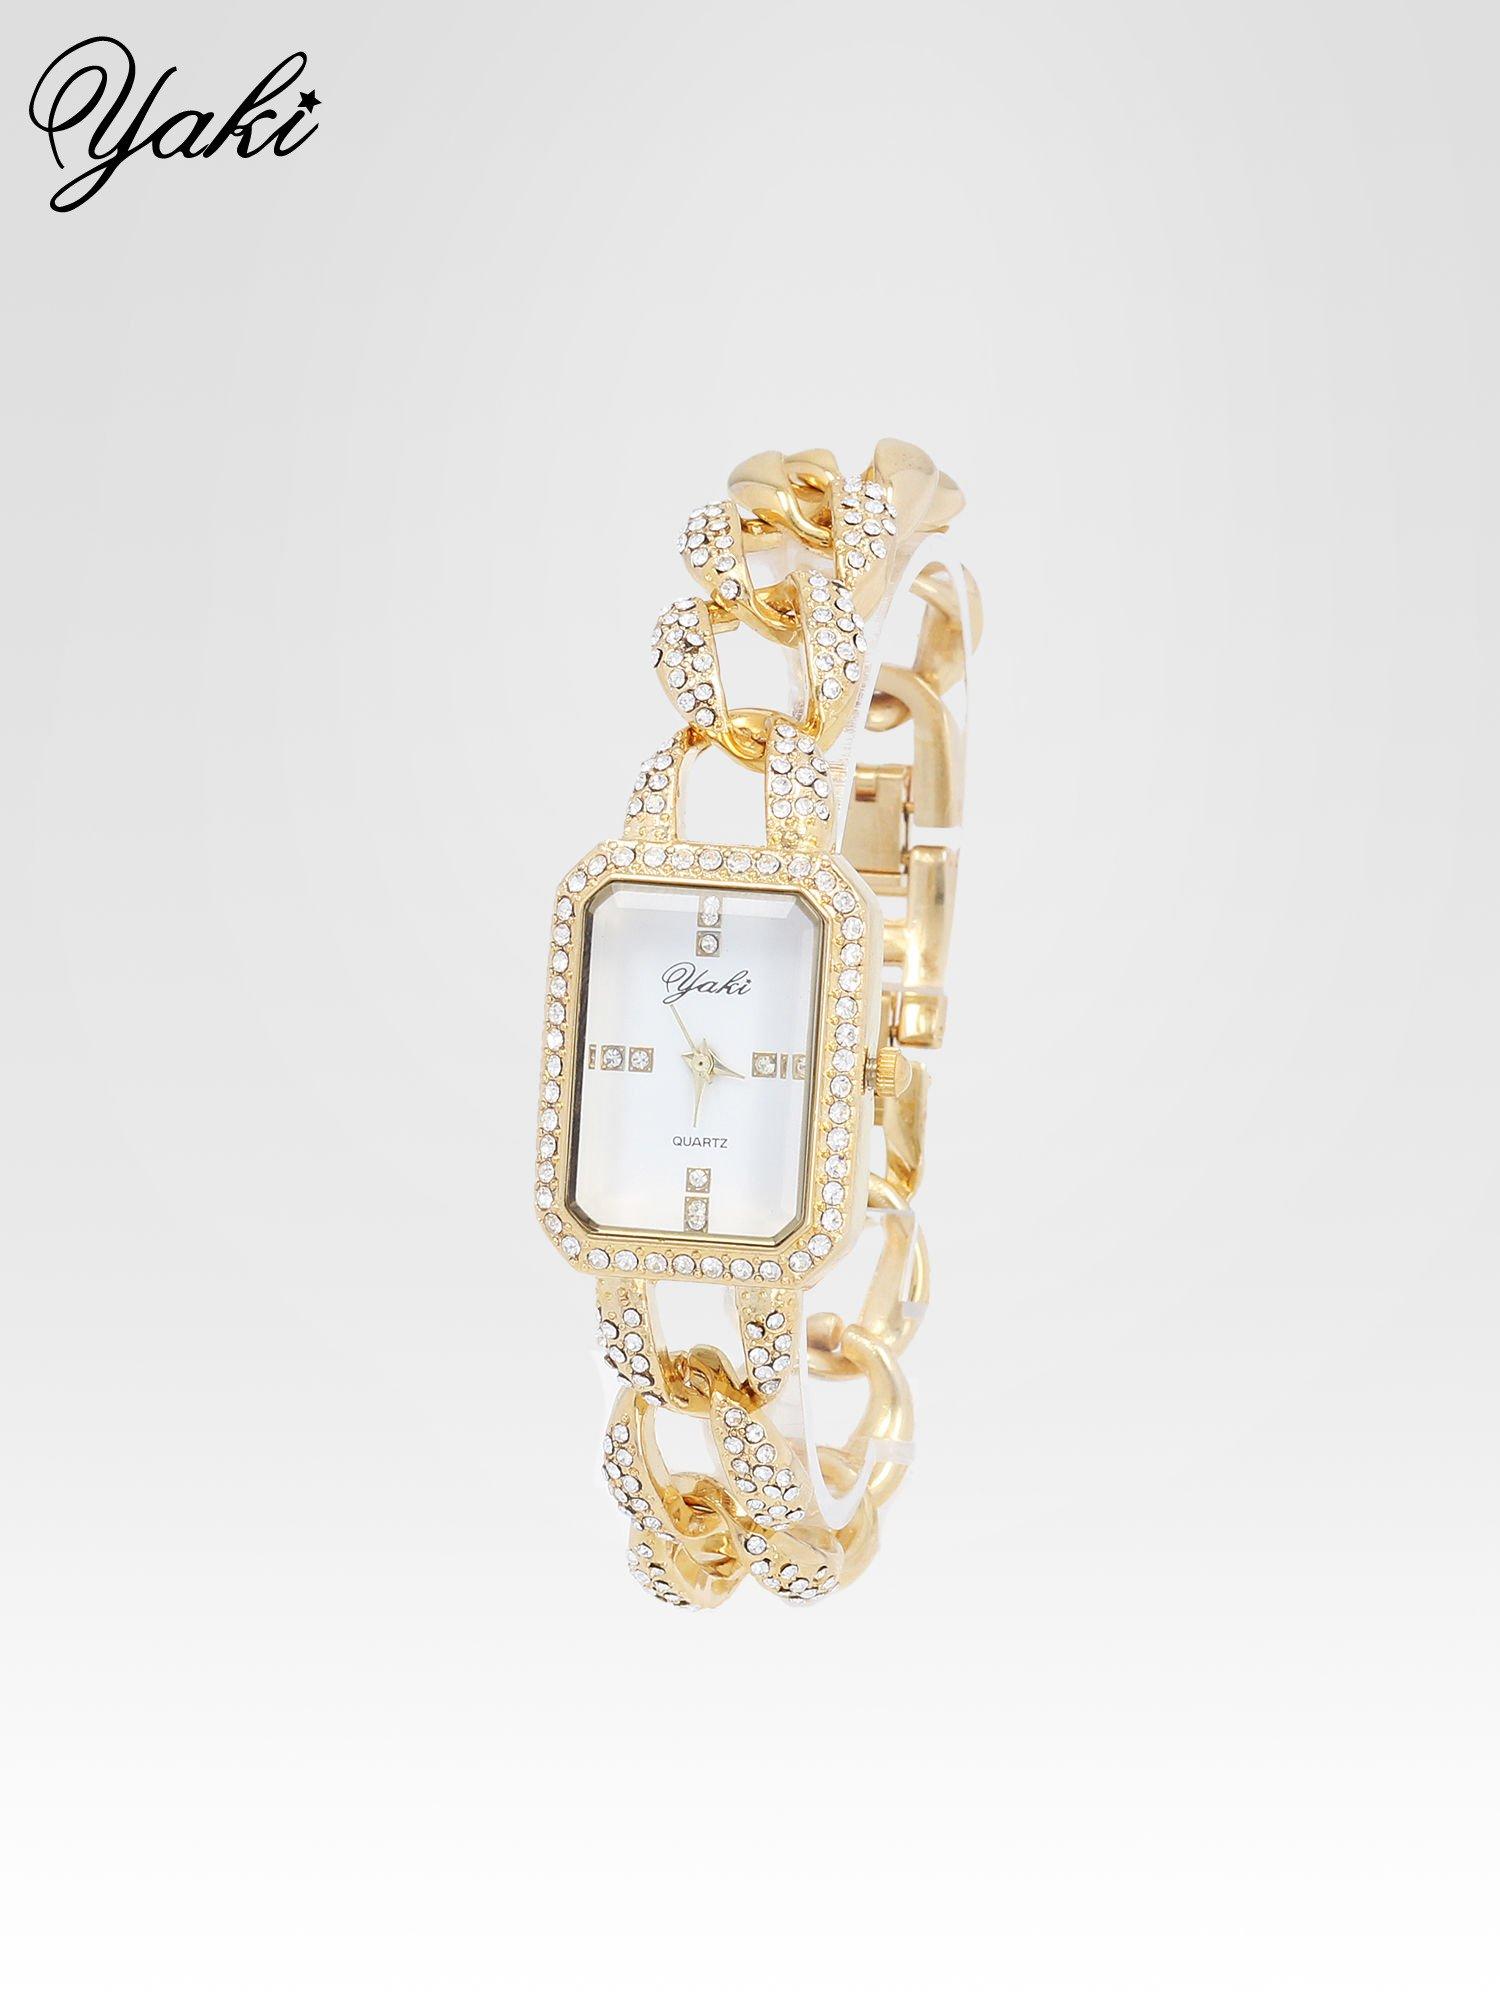 Złoty biżuteryjny zegarek damski na bransolecie z cyrkoniami                                  zdj.                                  2